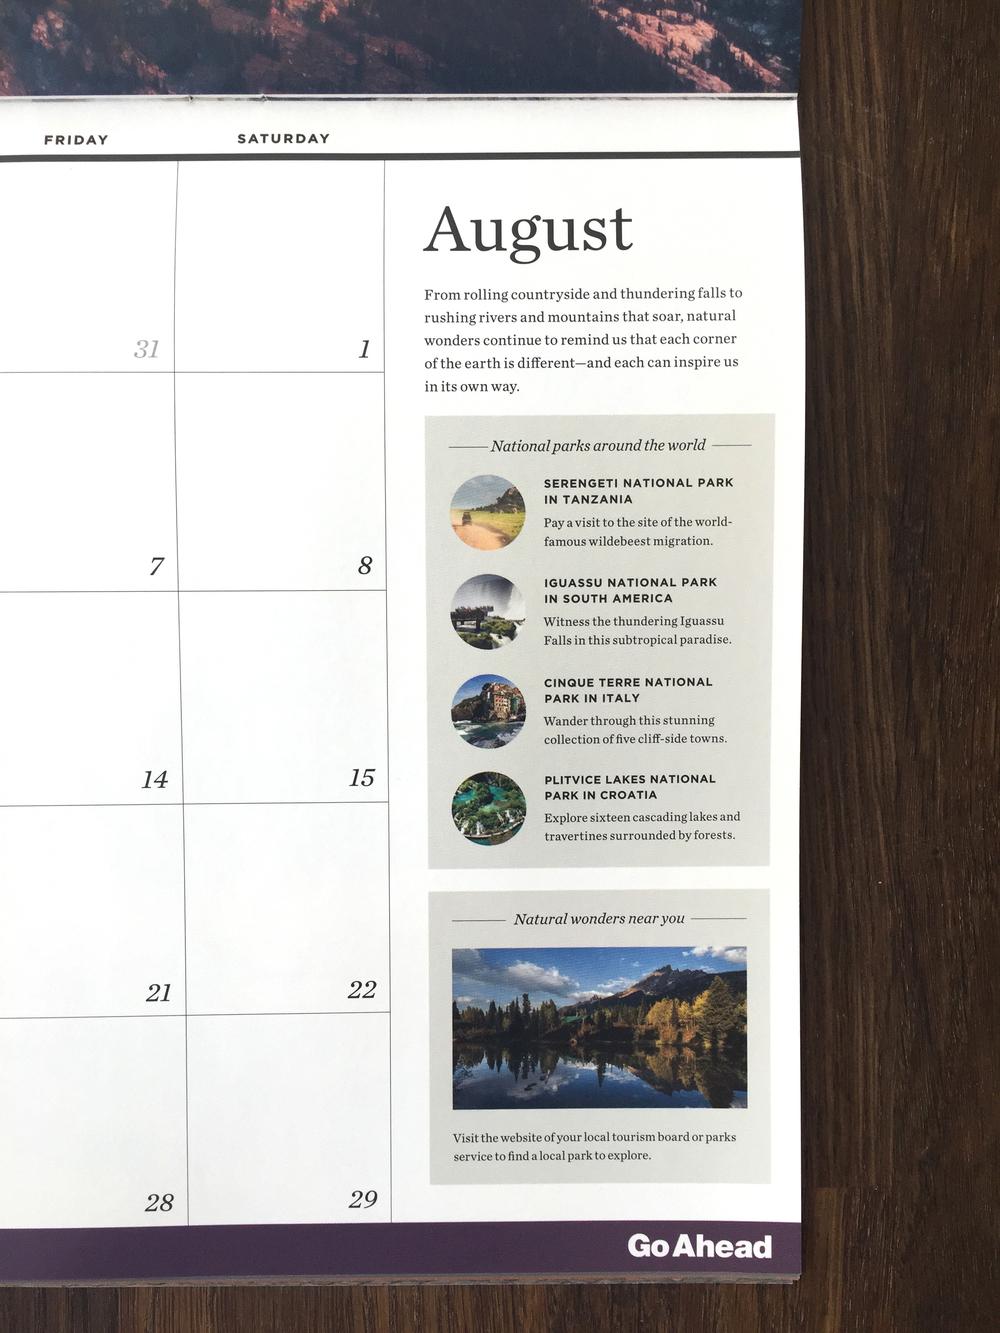 Calendar_August closeup.jpg